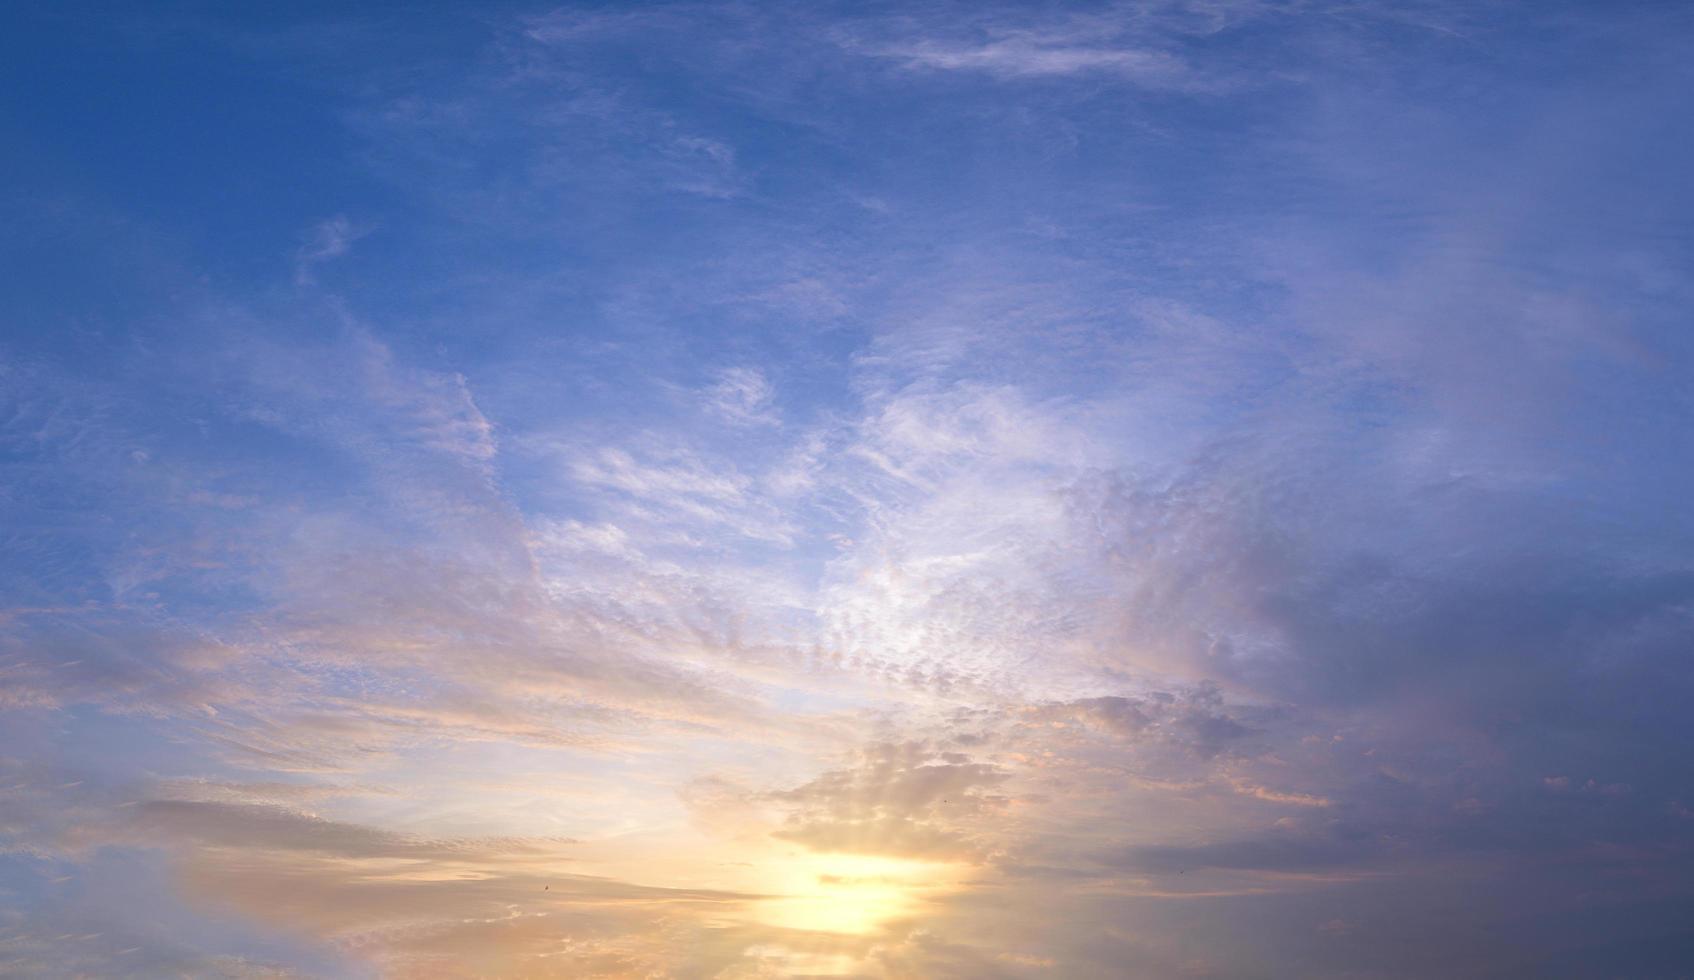 ciel et soleil au coucher du soleil photo